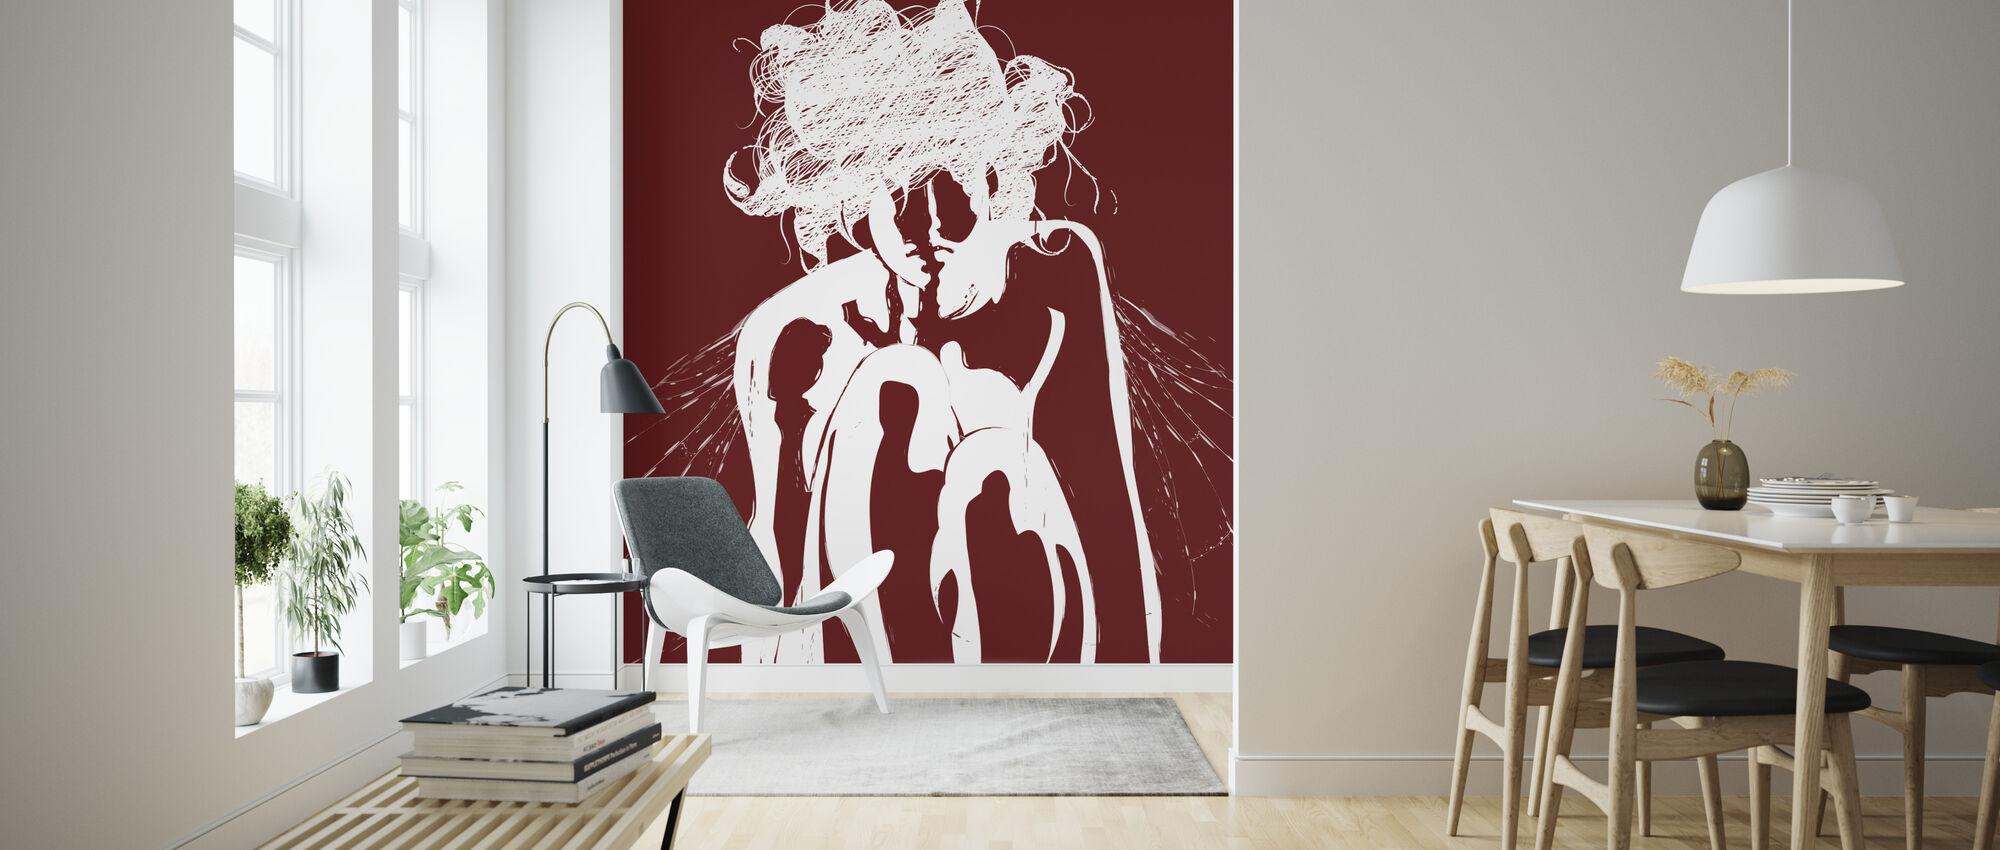 Tinker - Red - Wallpaper - Living Room